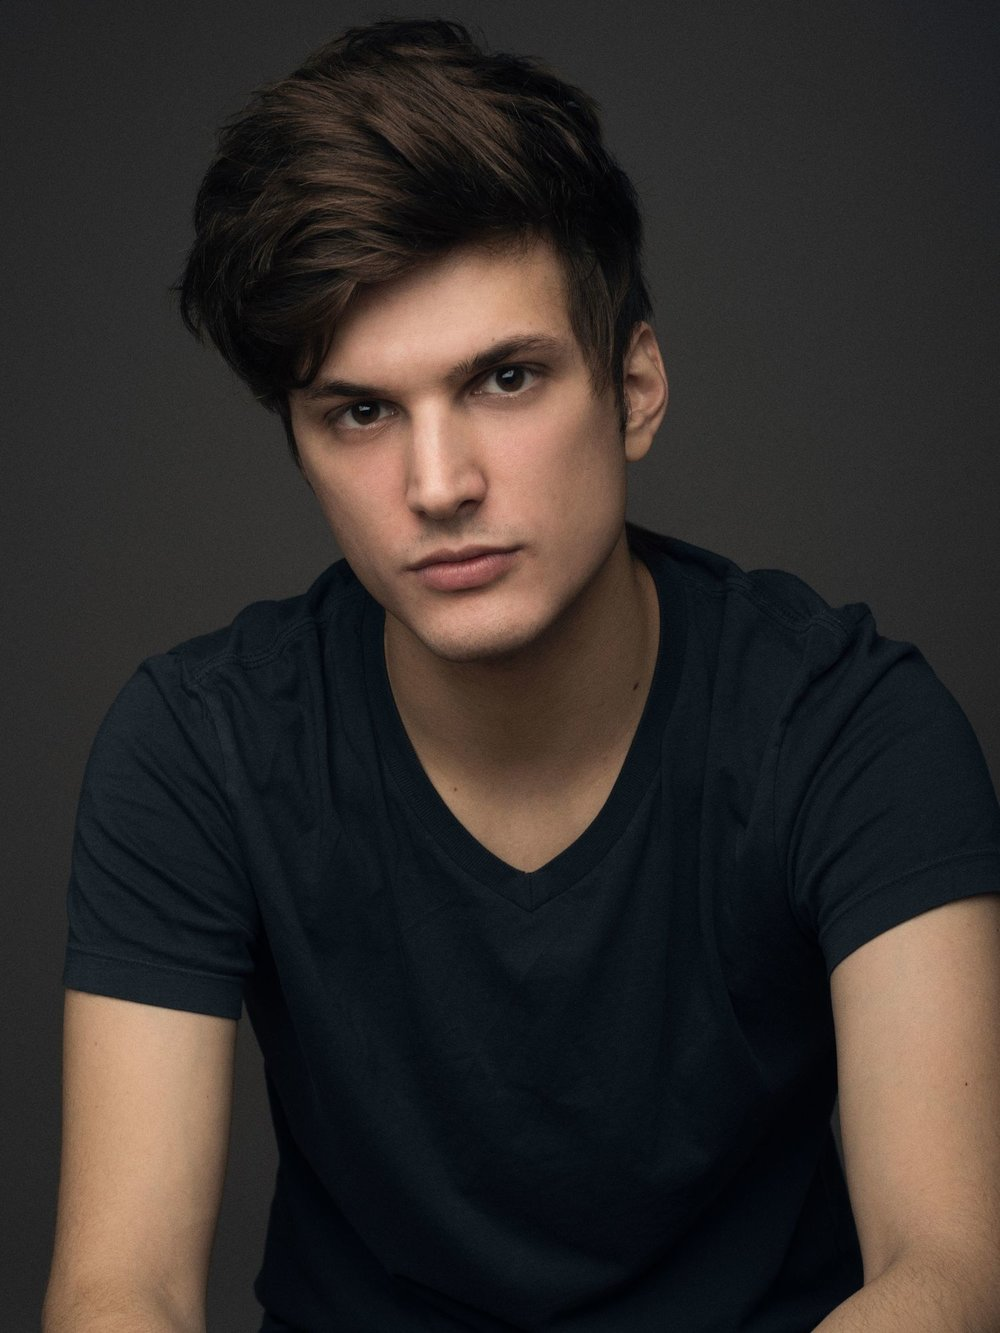 Alex Boniello